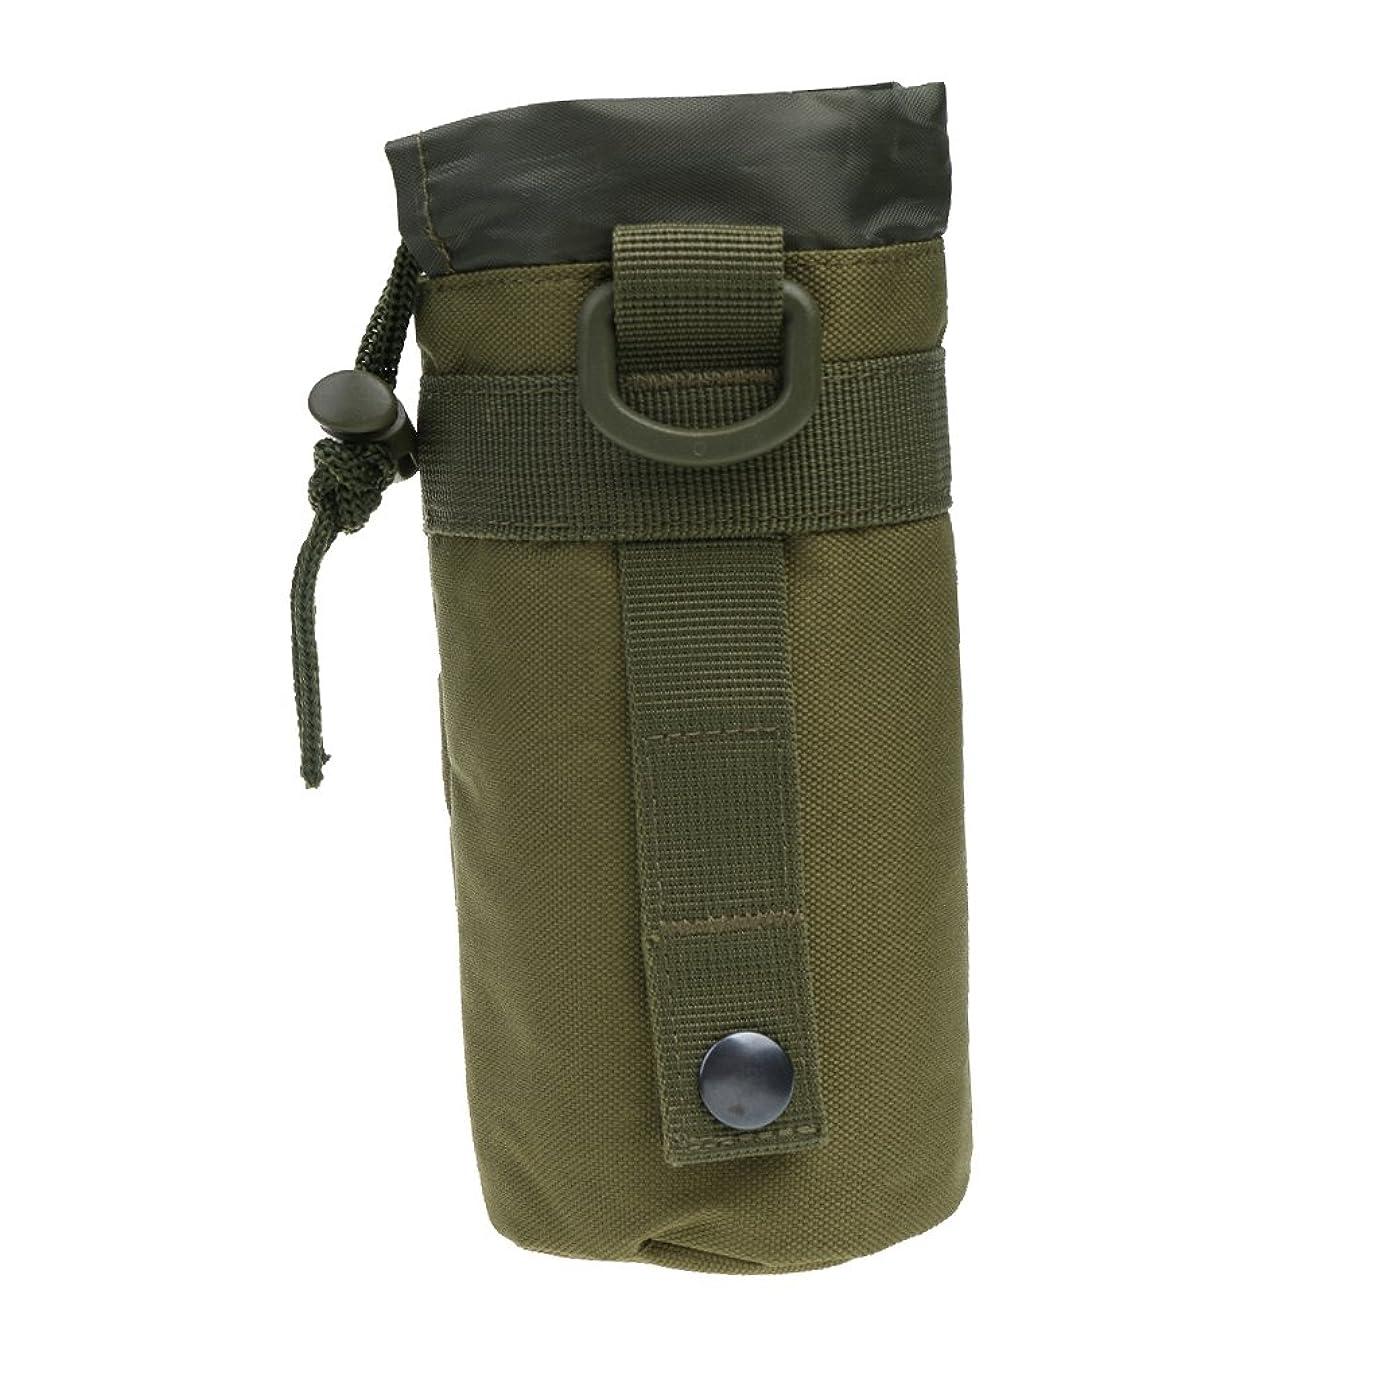 作業差別化するペニーDYNWAVE 屋外 モールウォーターボトルバッグ ケトルポーチ ホルダー バッグ 全3色